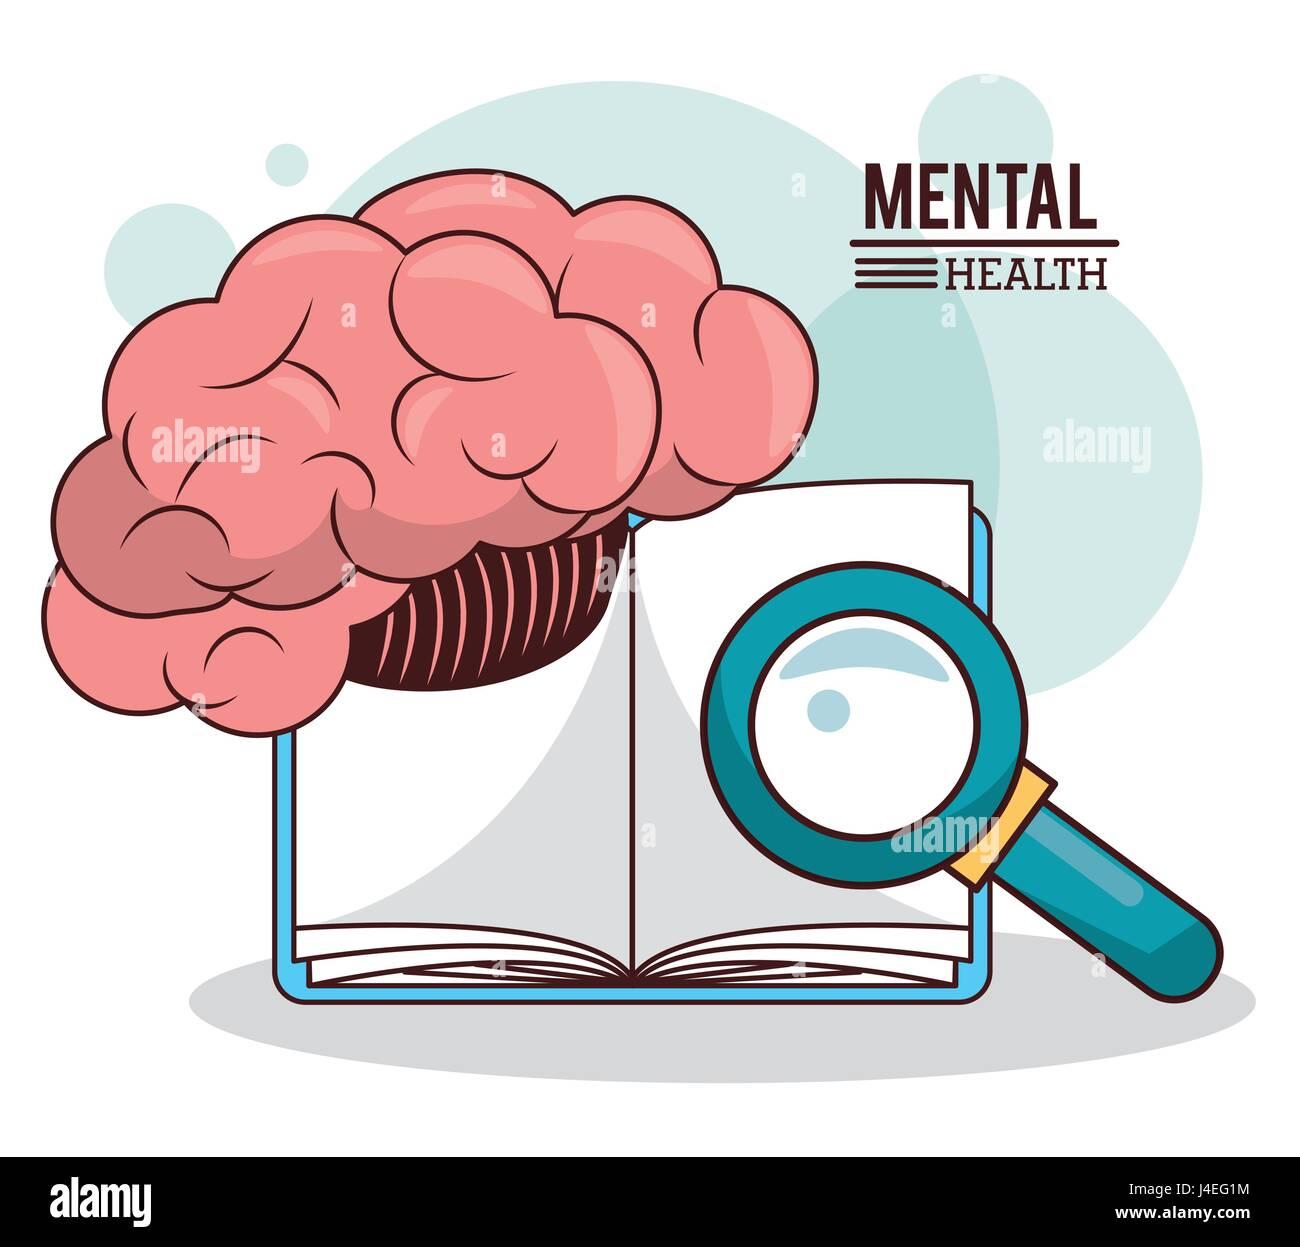 La santé mentale, le cerveau livre connaissances loupe Photo Stock